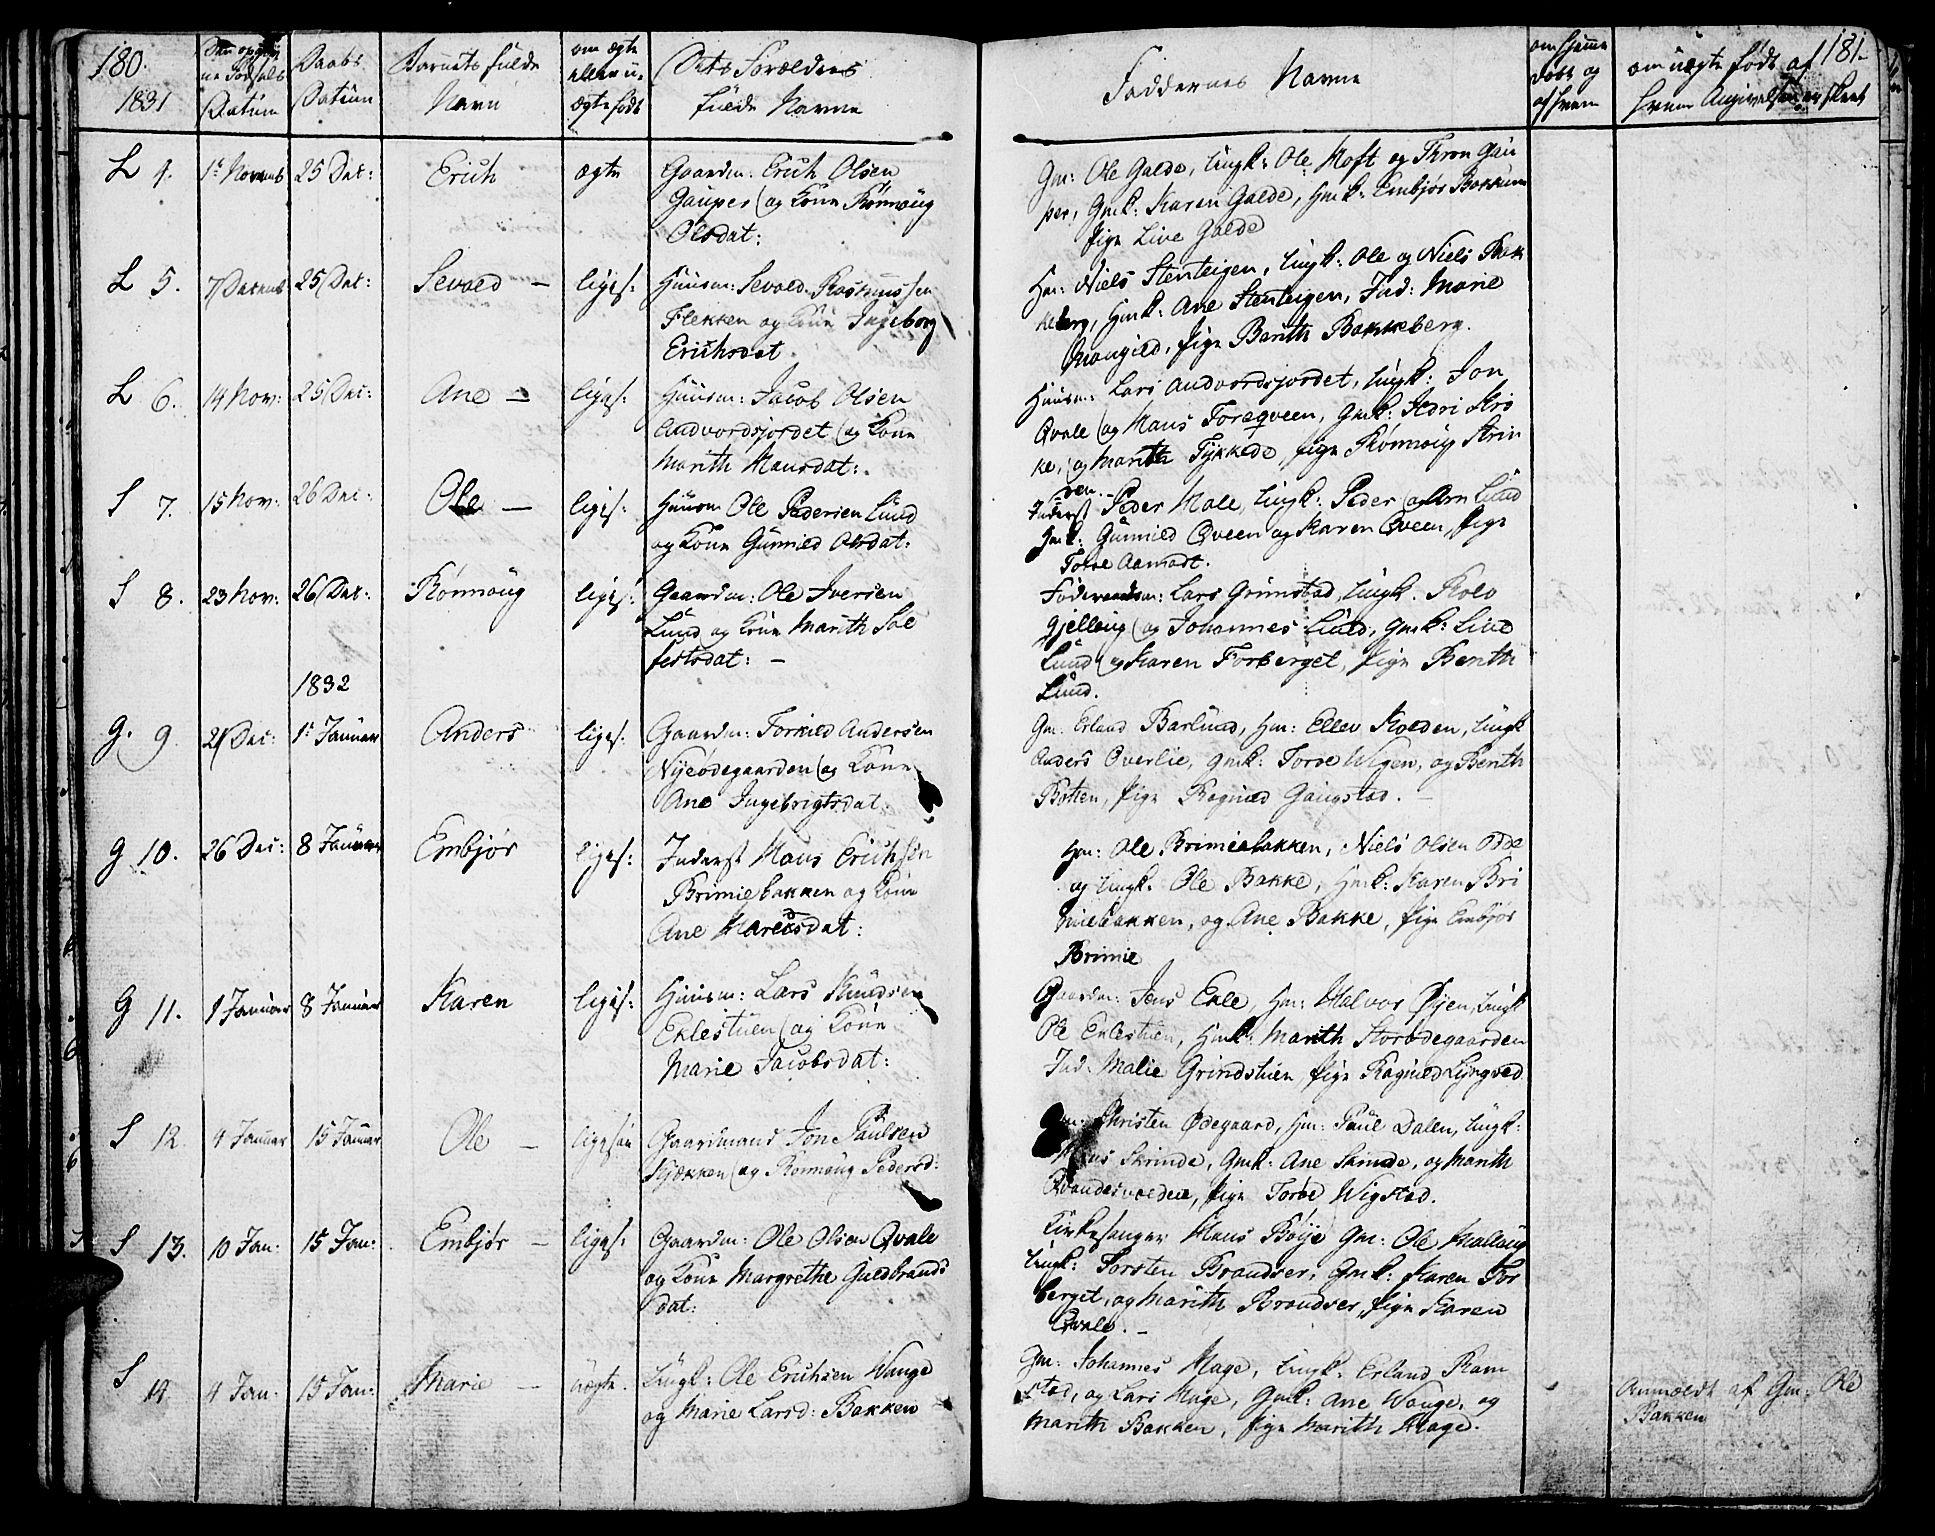 SAH, Lom prestekontor, K/L0005: Ministerialbok nr. 5, 1825-1837, s. 180-181